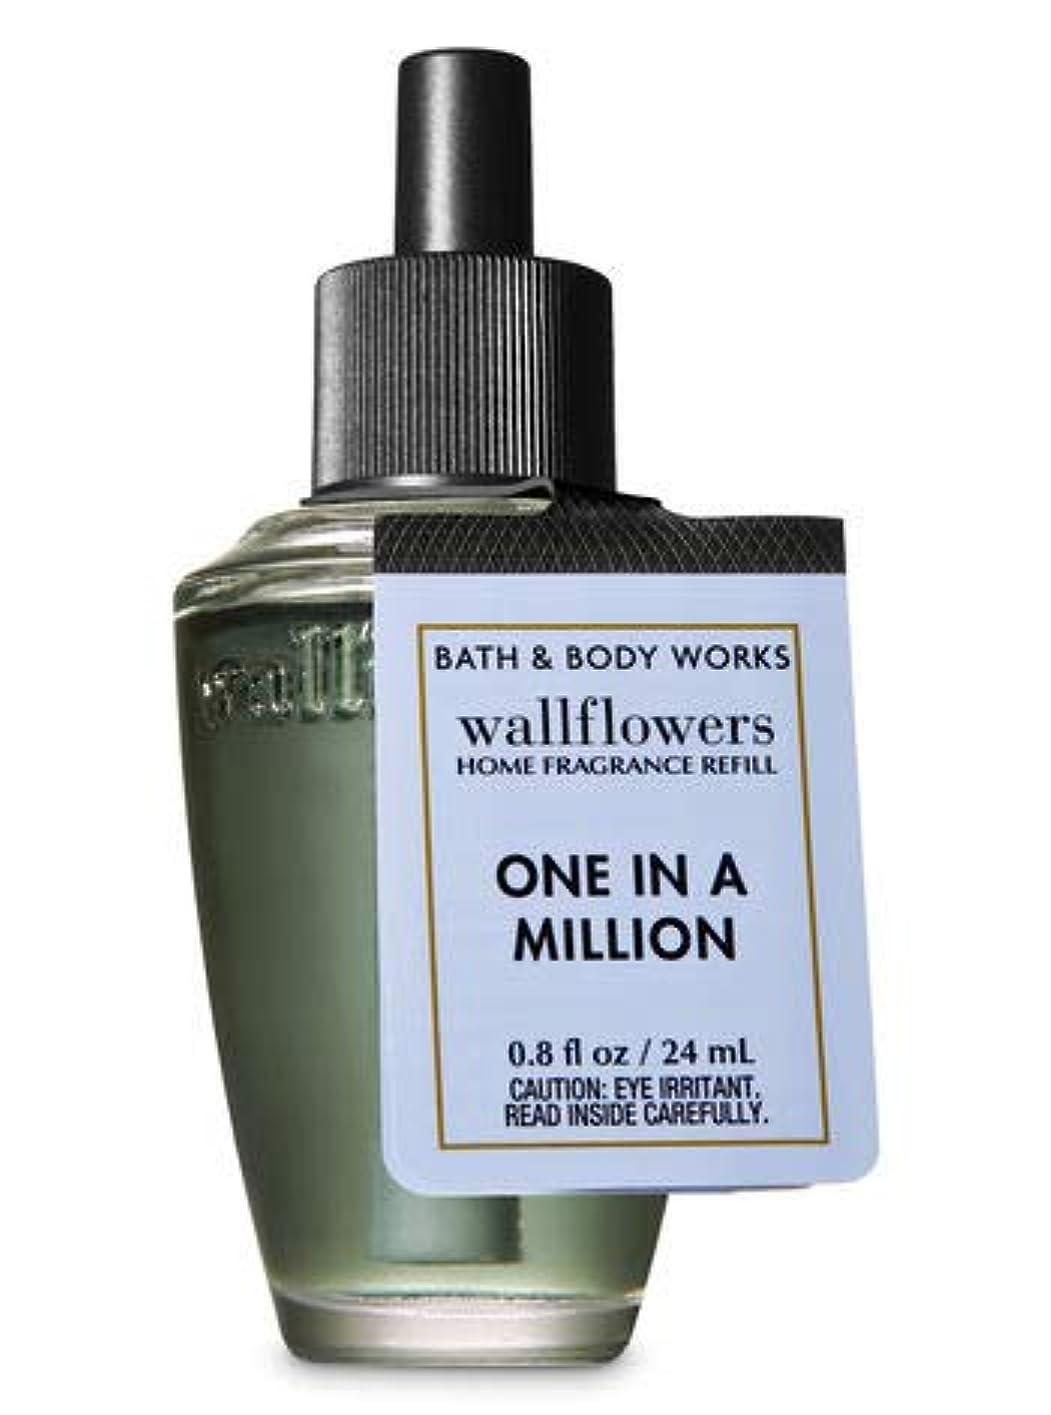 代理店厚さキャッチ【Bath&Body Works/バス&ボディワークス】 ルームフレグランス 詰替えリフィル ワンインアミリオン Wallflowers Home Fragrance Refill One in a Million [並行輸入品]